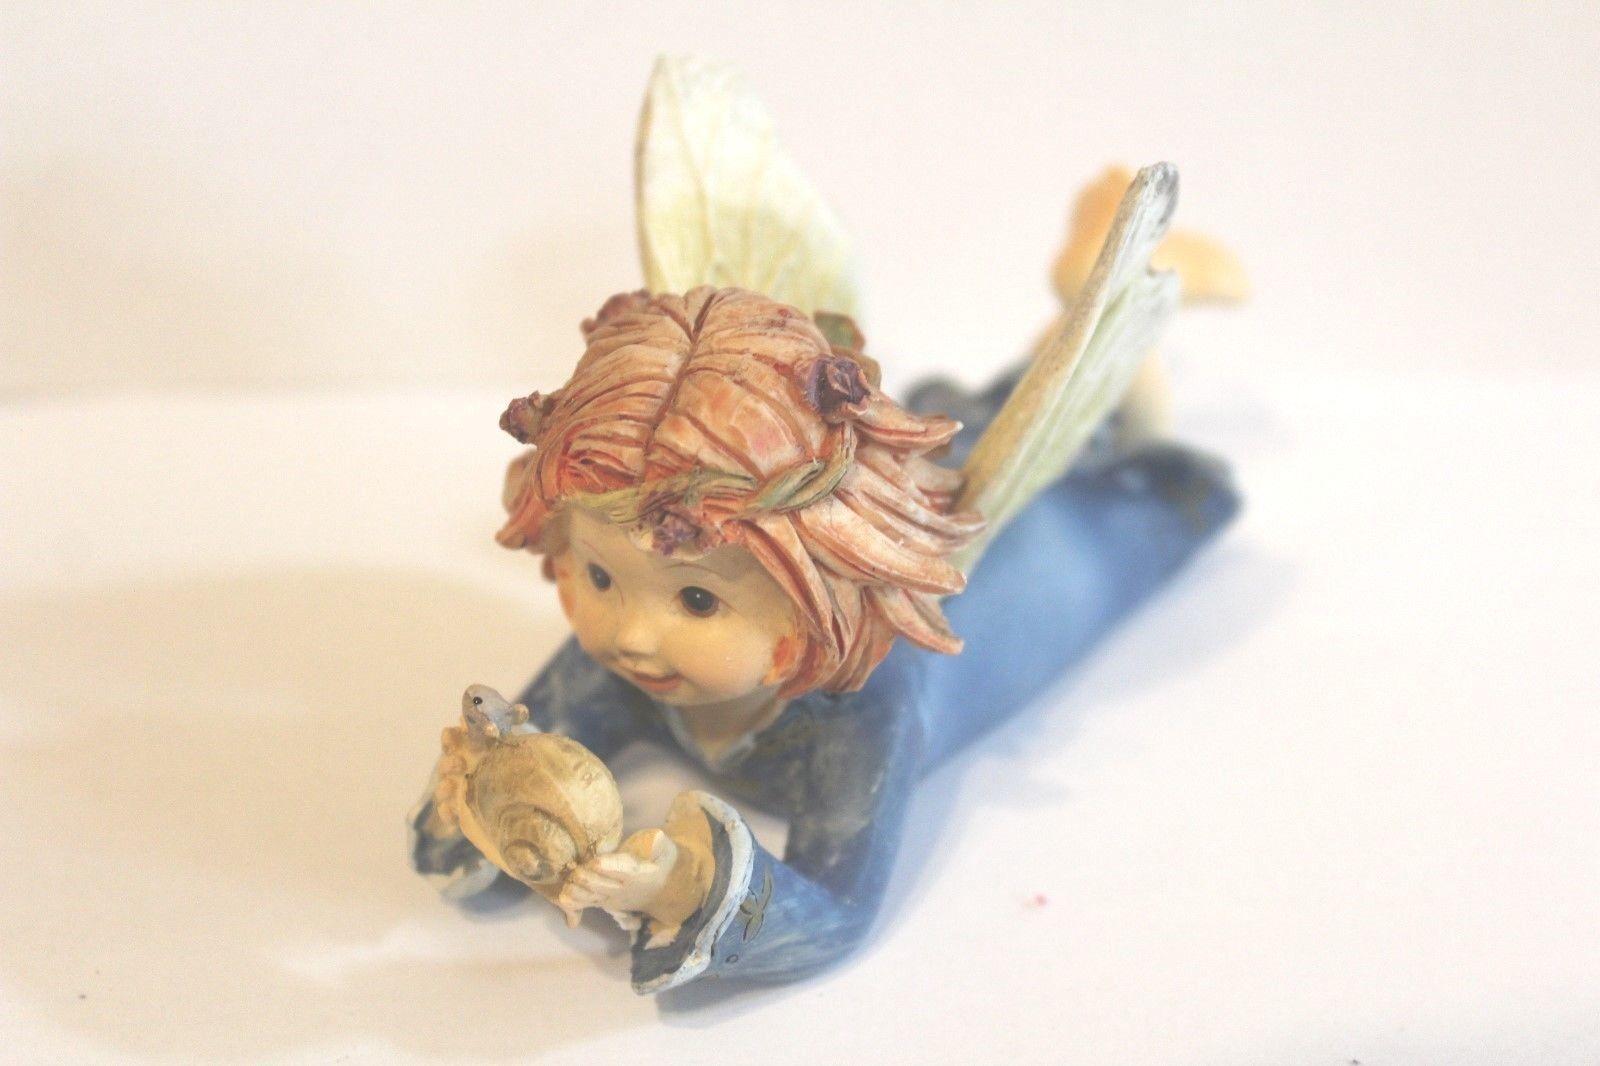 """Deko Figur  """"Baby Ferry blau mit Schnecke liegend"""" L:10 cm H: 5cm B. 4 cm"""